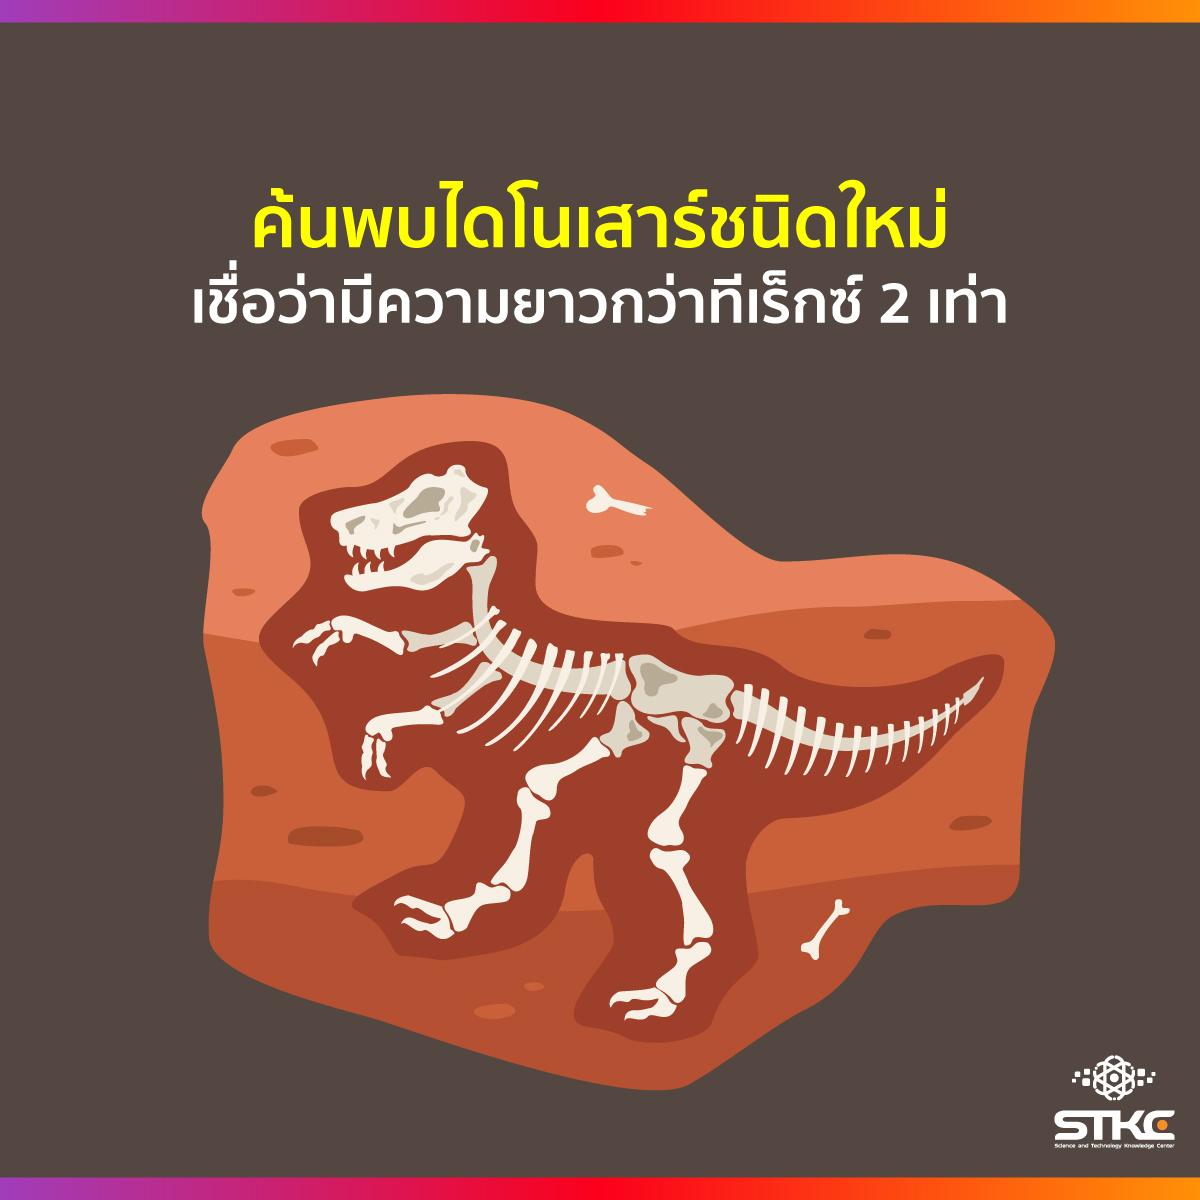 ค้นพบไดโนเสาร์ชนิดใหม่ เชื่อว่ามีความยาวกว่าทีเร็กซ์ 2 เท่า